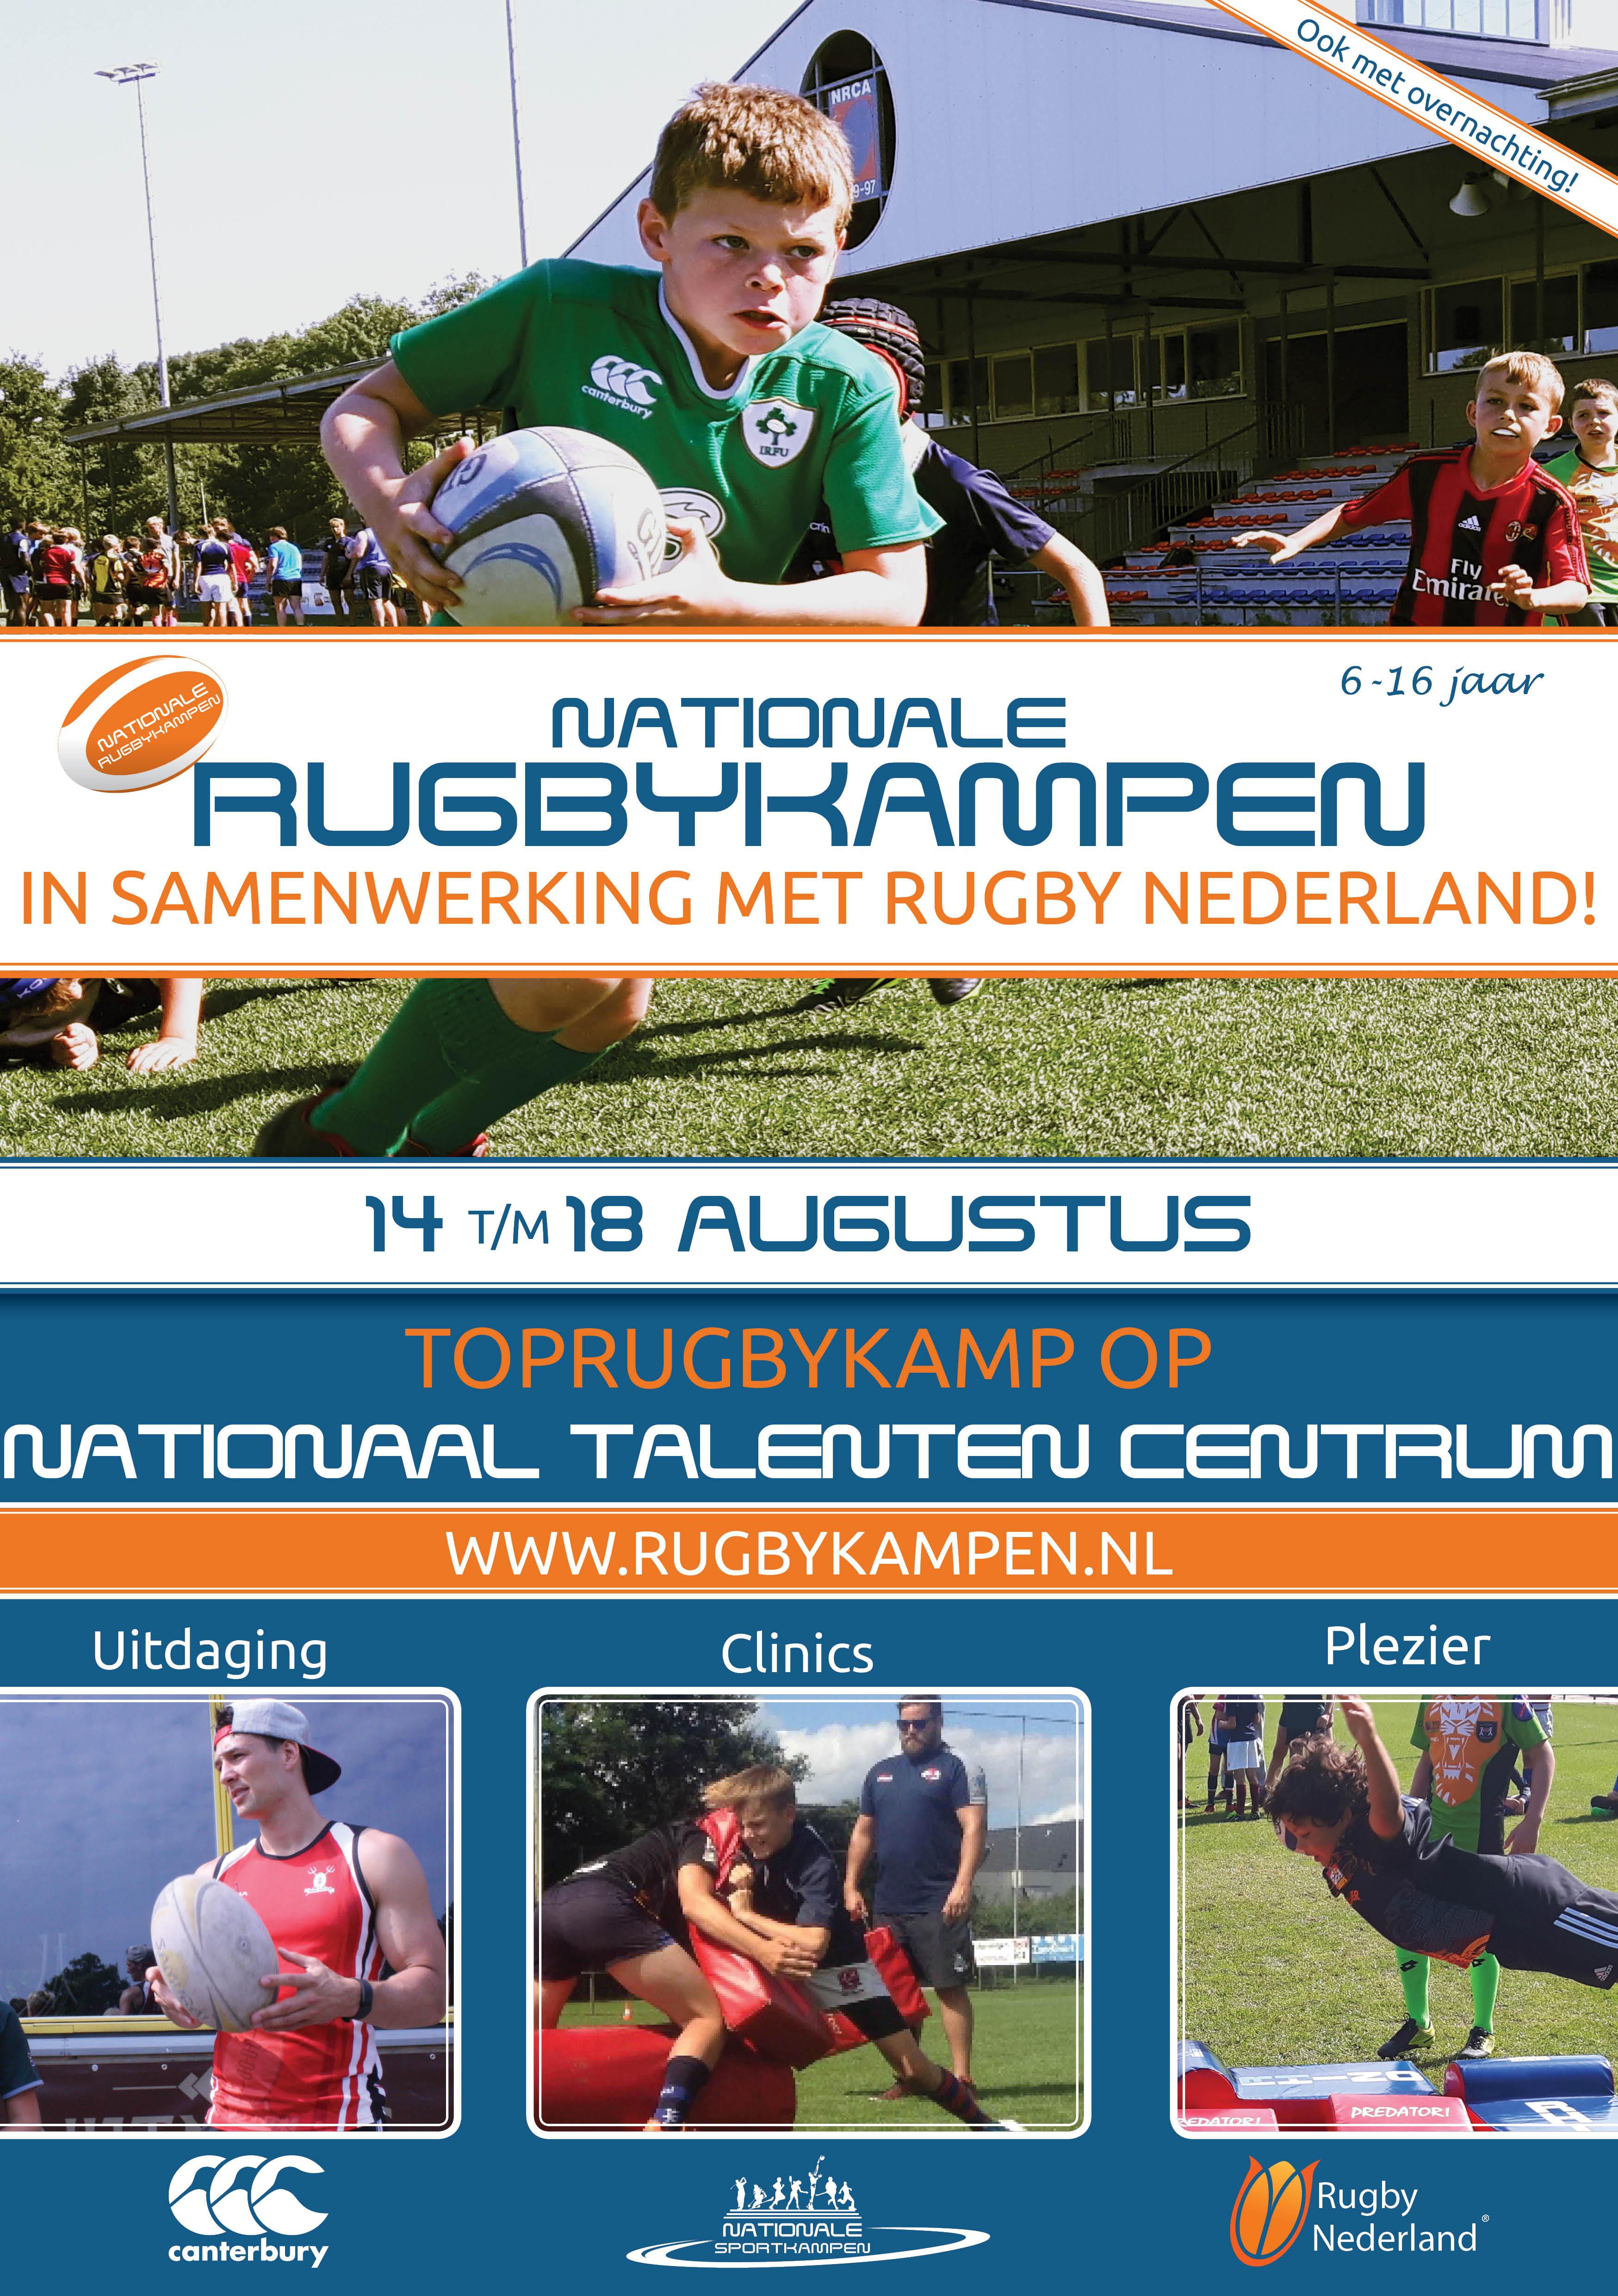 Top rugby kamp 2017